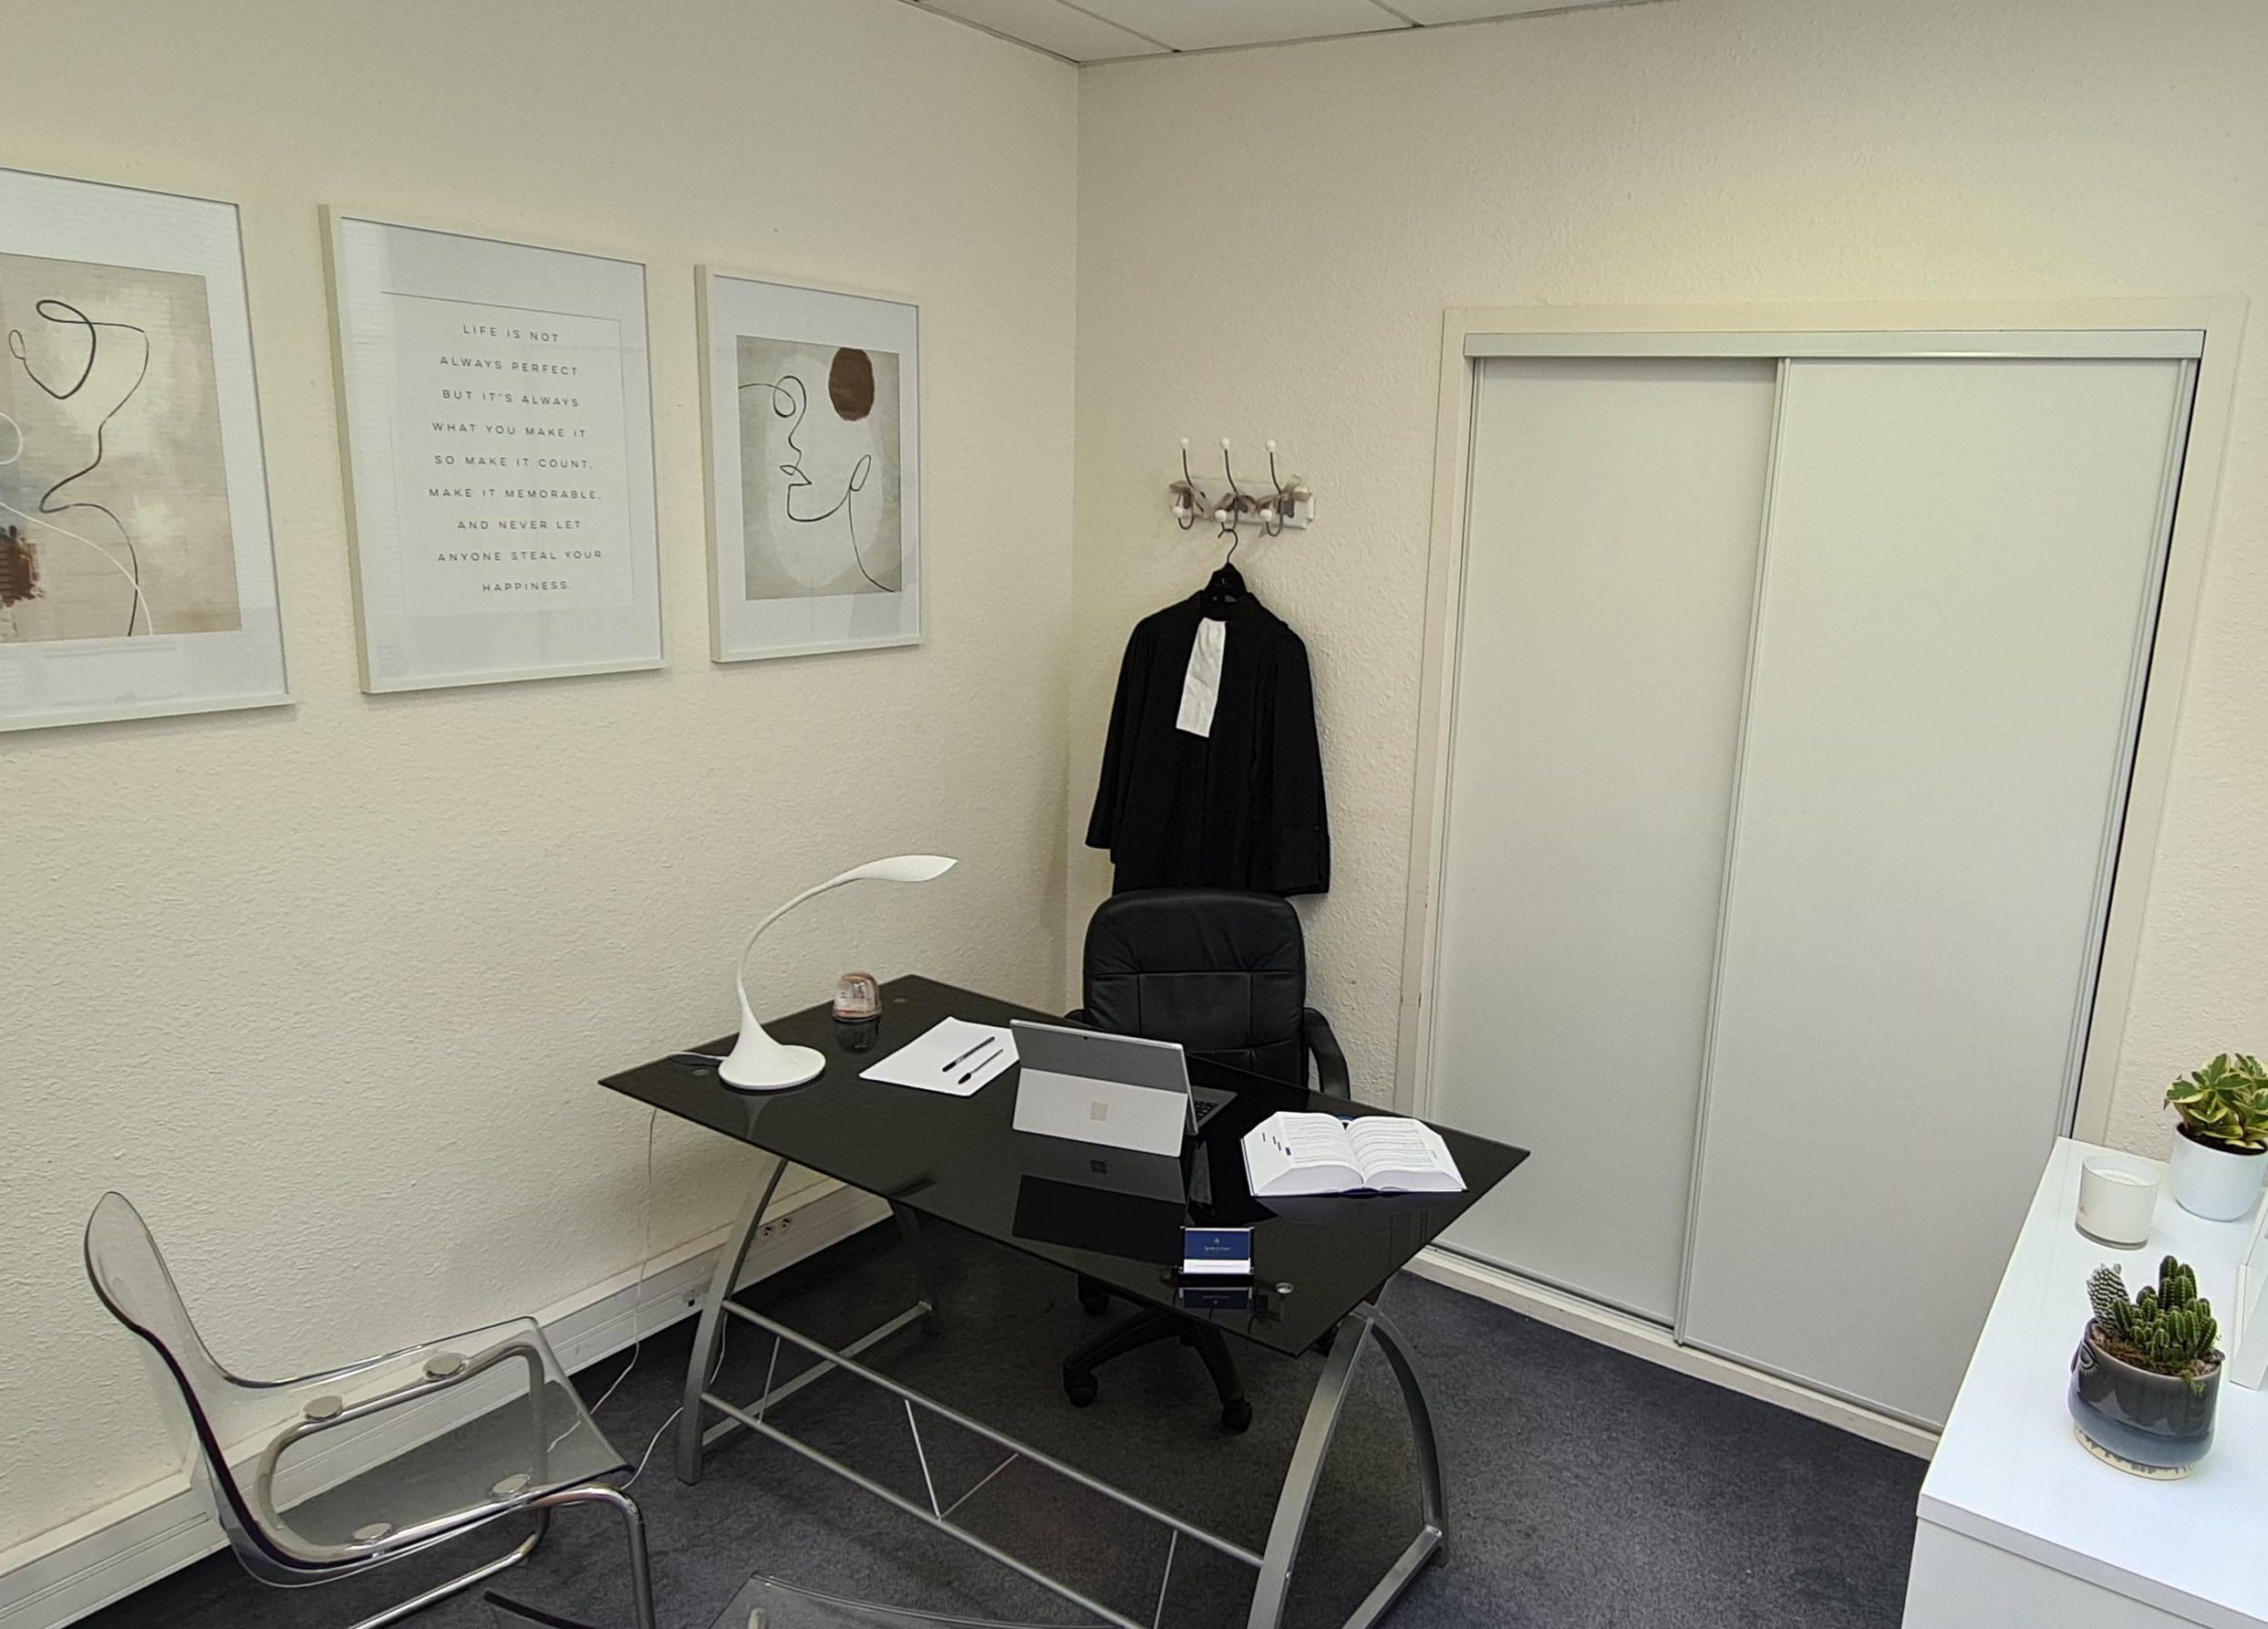 Cabinet avocat Rennes, contentieux, litiges construction, assurance construction, conflit voisinage